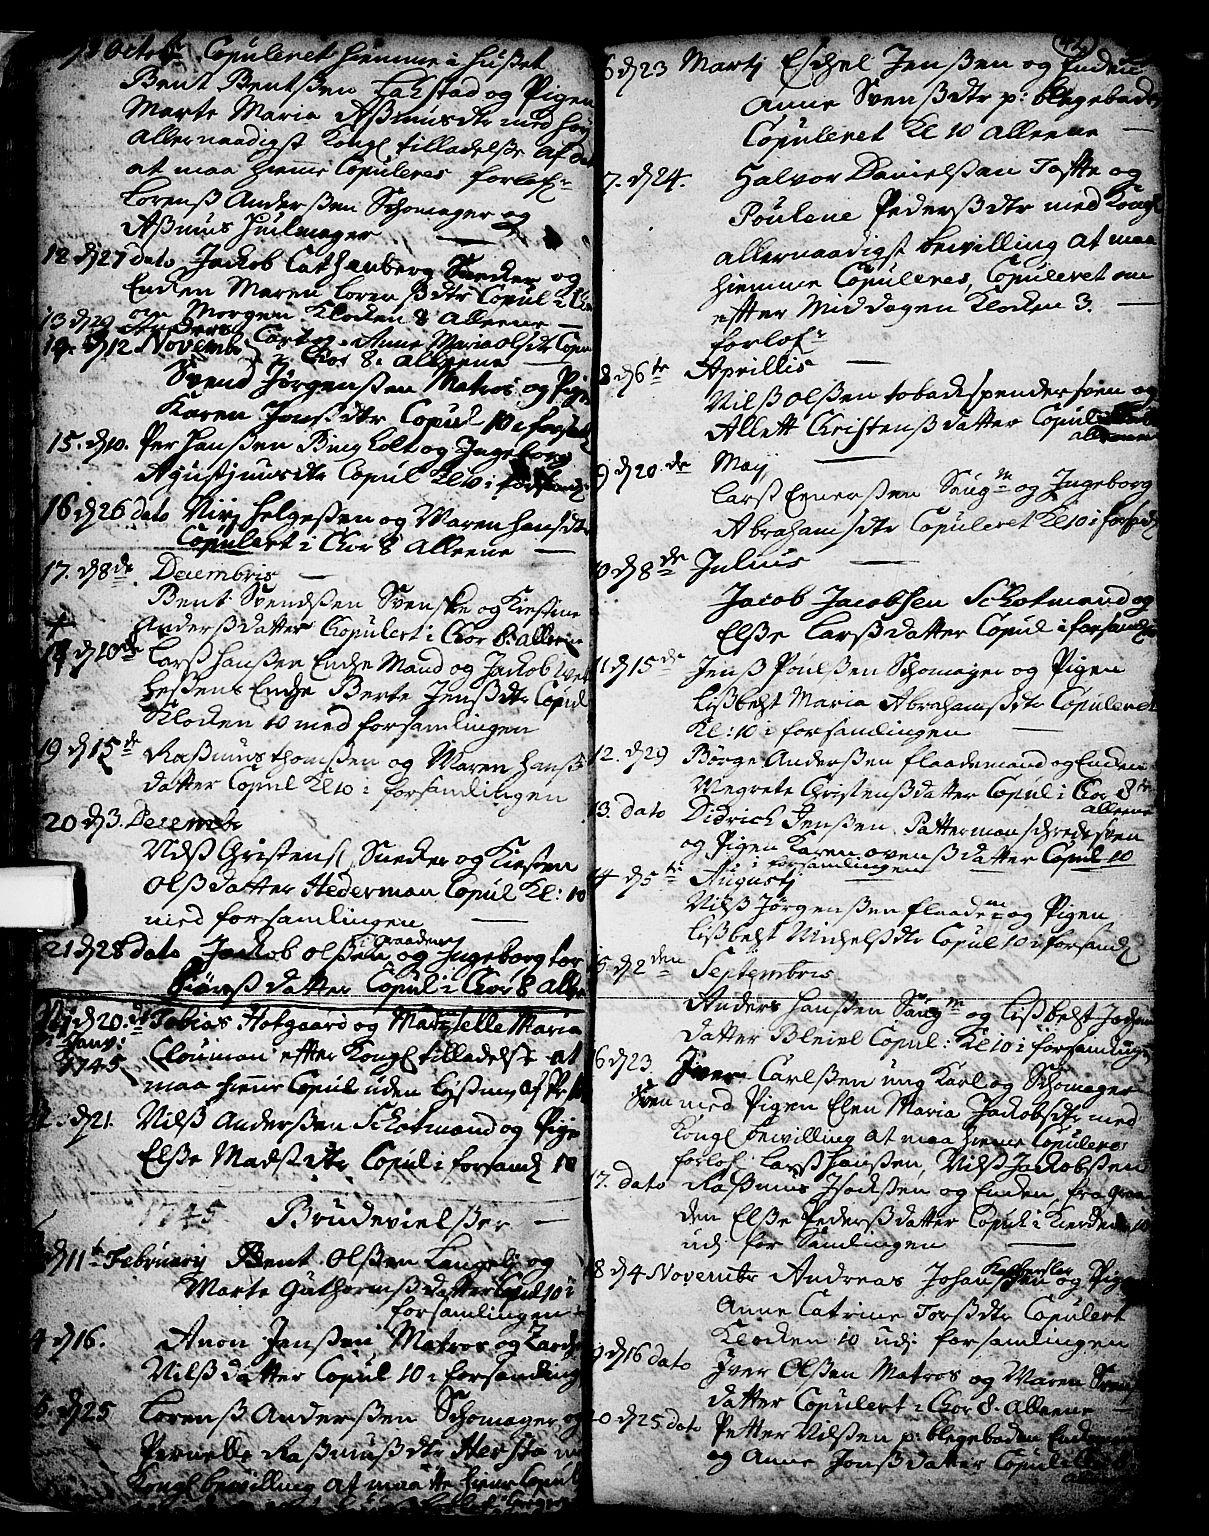 SAKO, Skien kirkebøker, F/Fa/L0002: Ministerialbok nr. 2, 1716-1757, s. 42